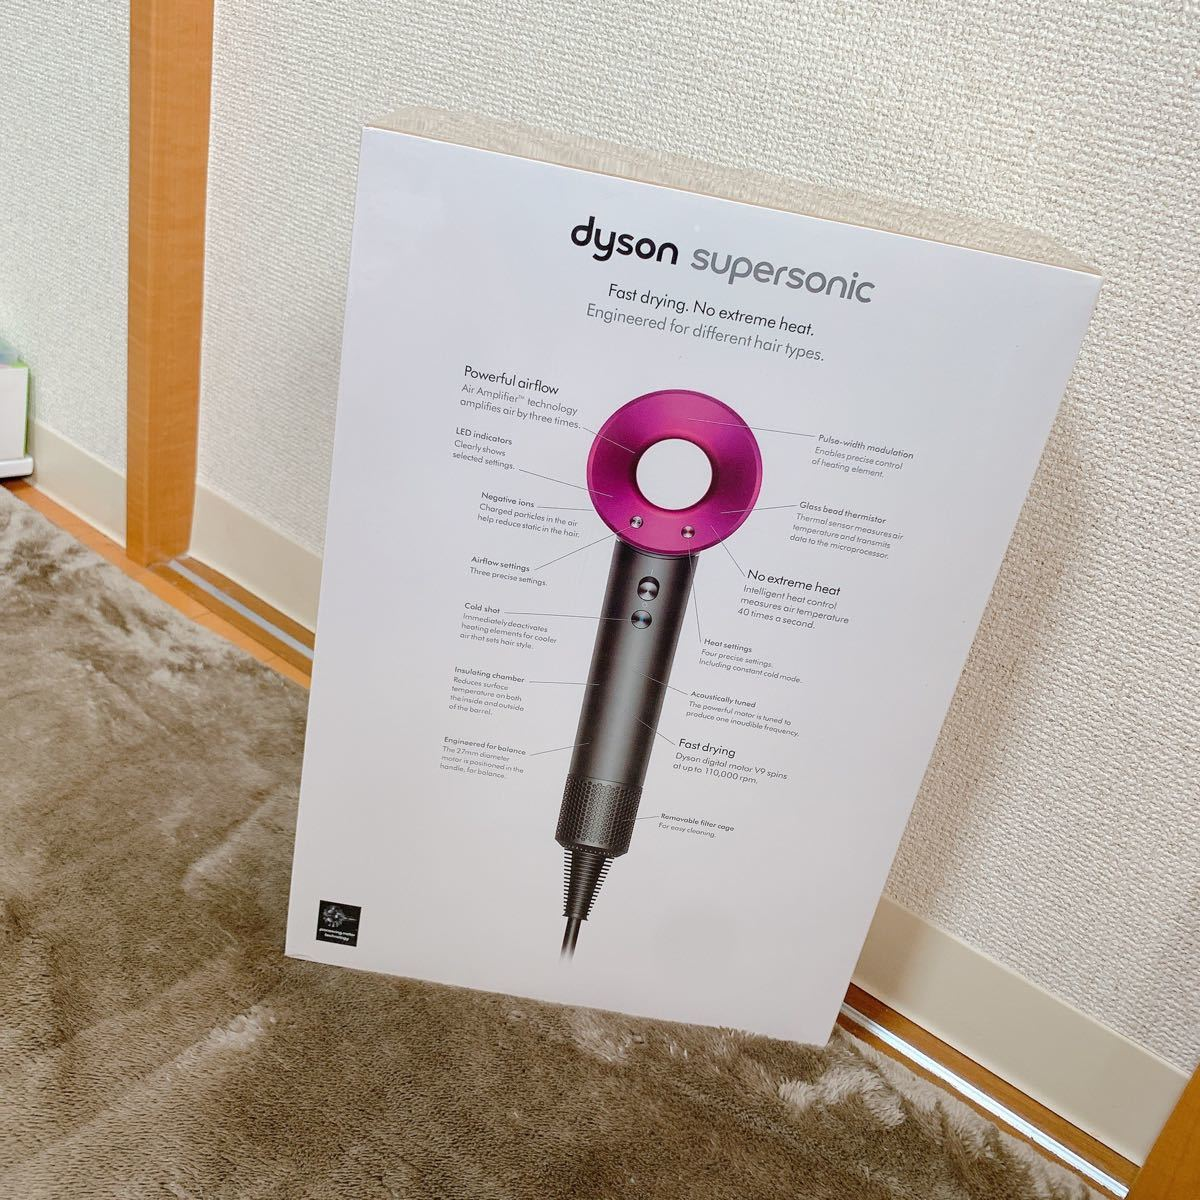 dyson Supersonic ダイソンヘアドライヤー